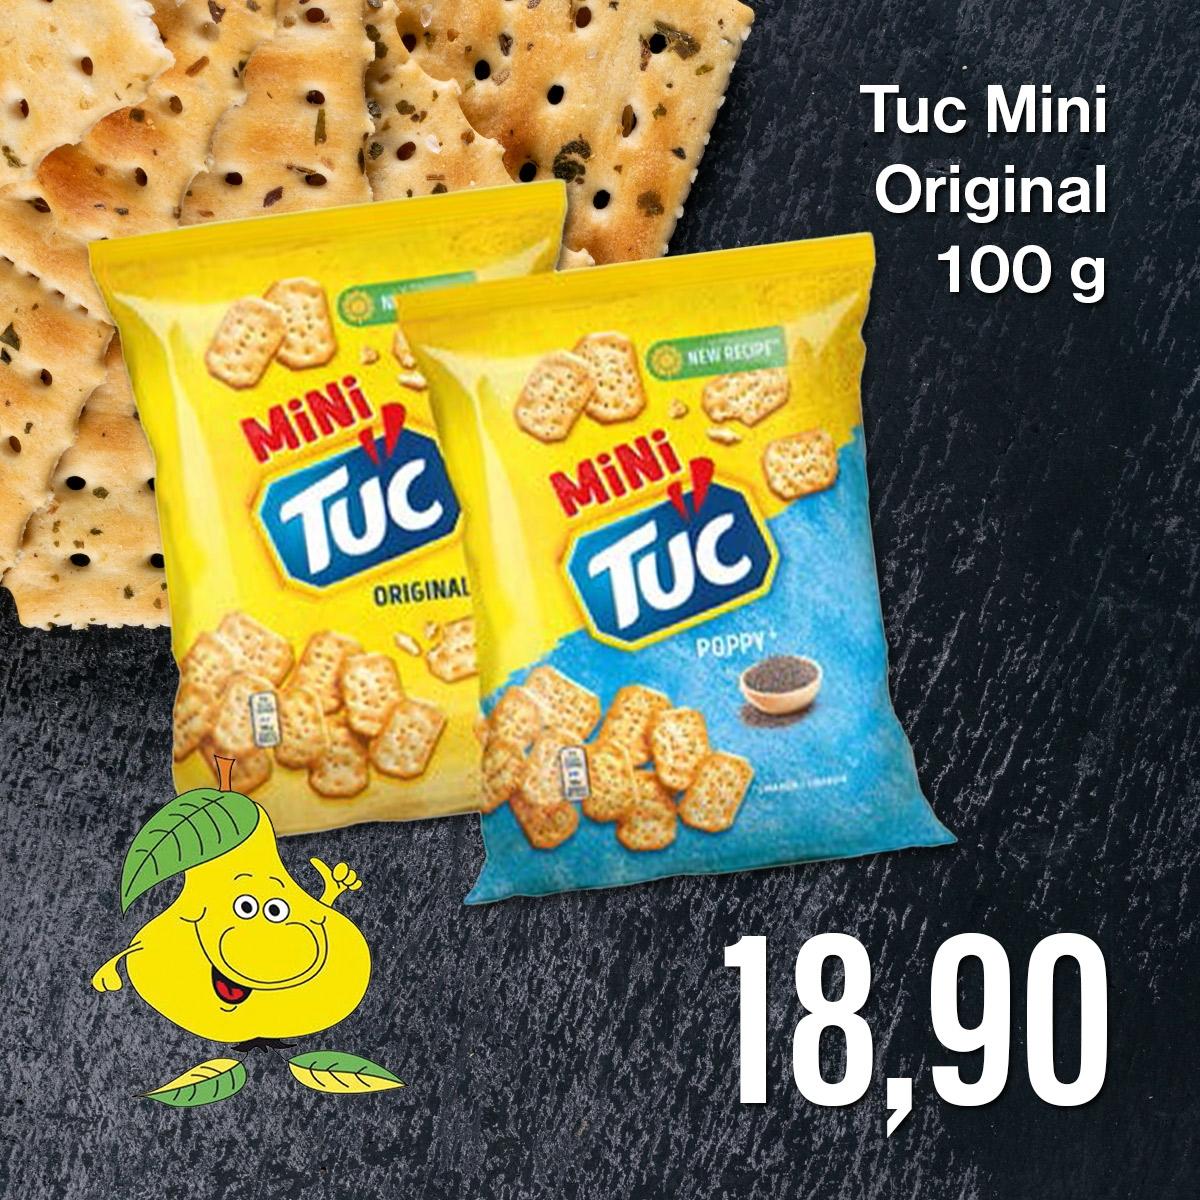 Tuc Mini Original 100 g